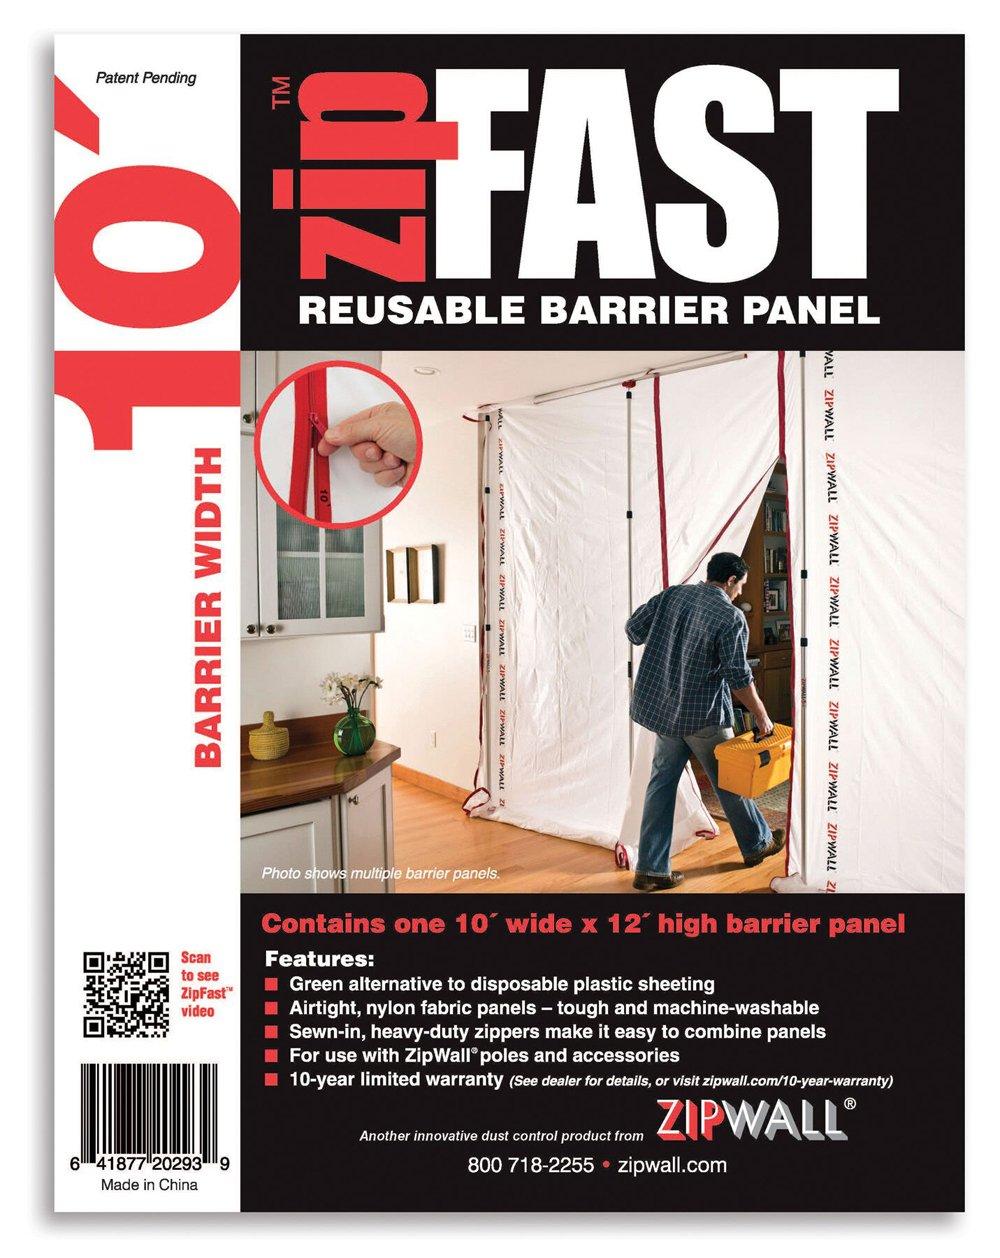 ZipWall ZipFast Reusable Barrier